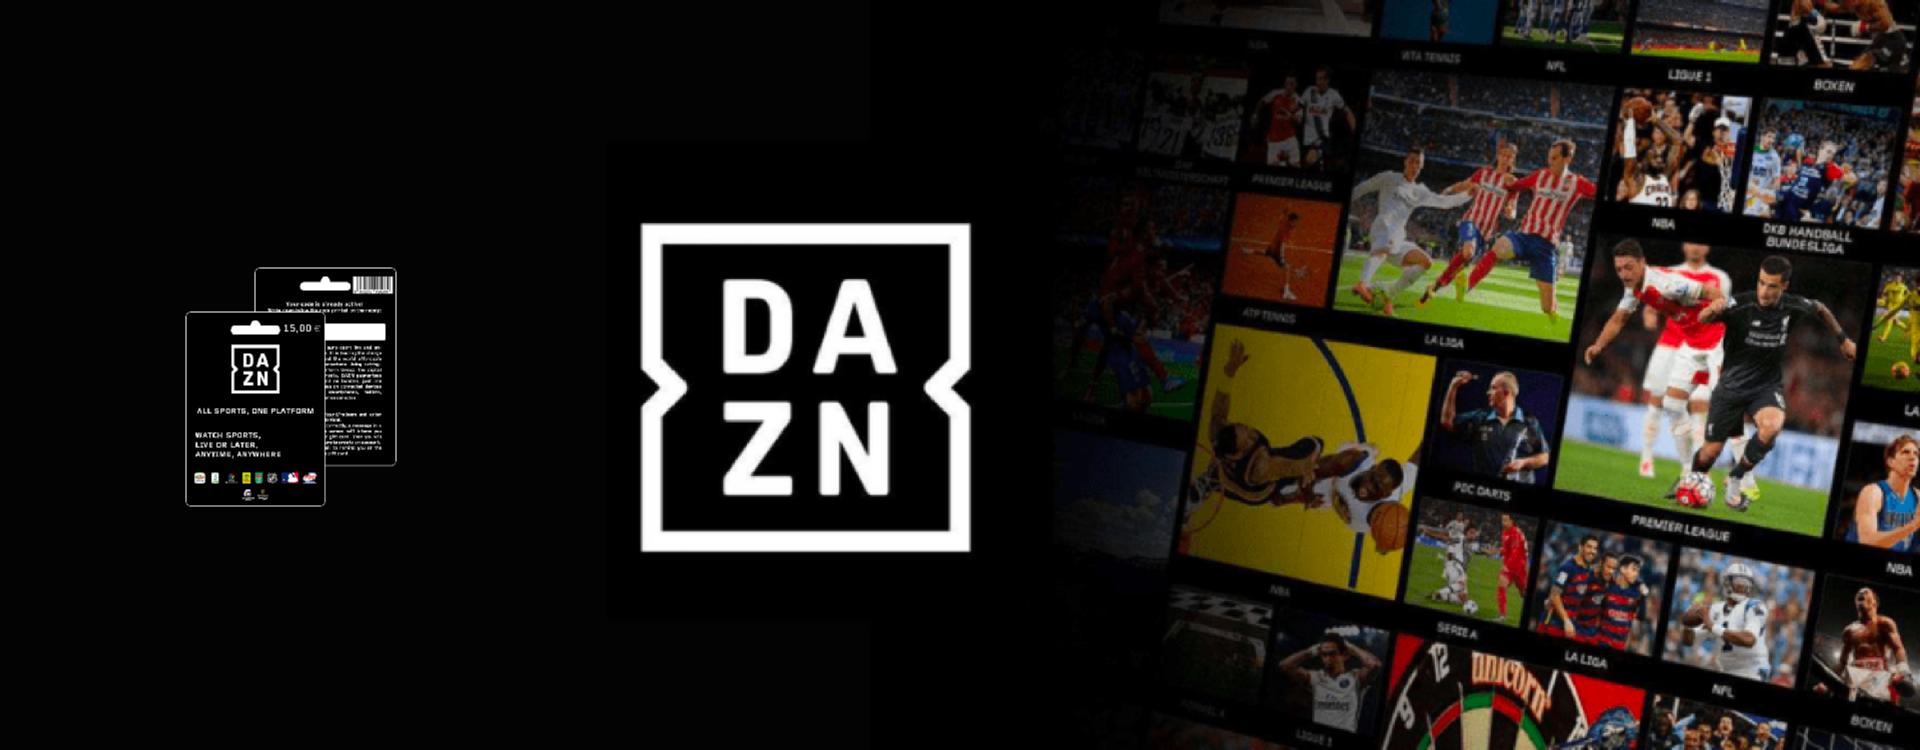 banner DAZN